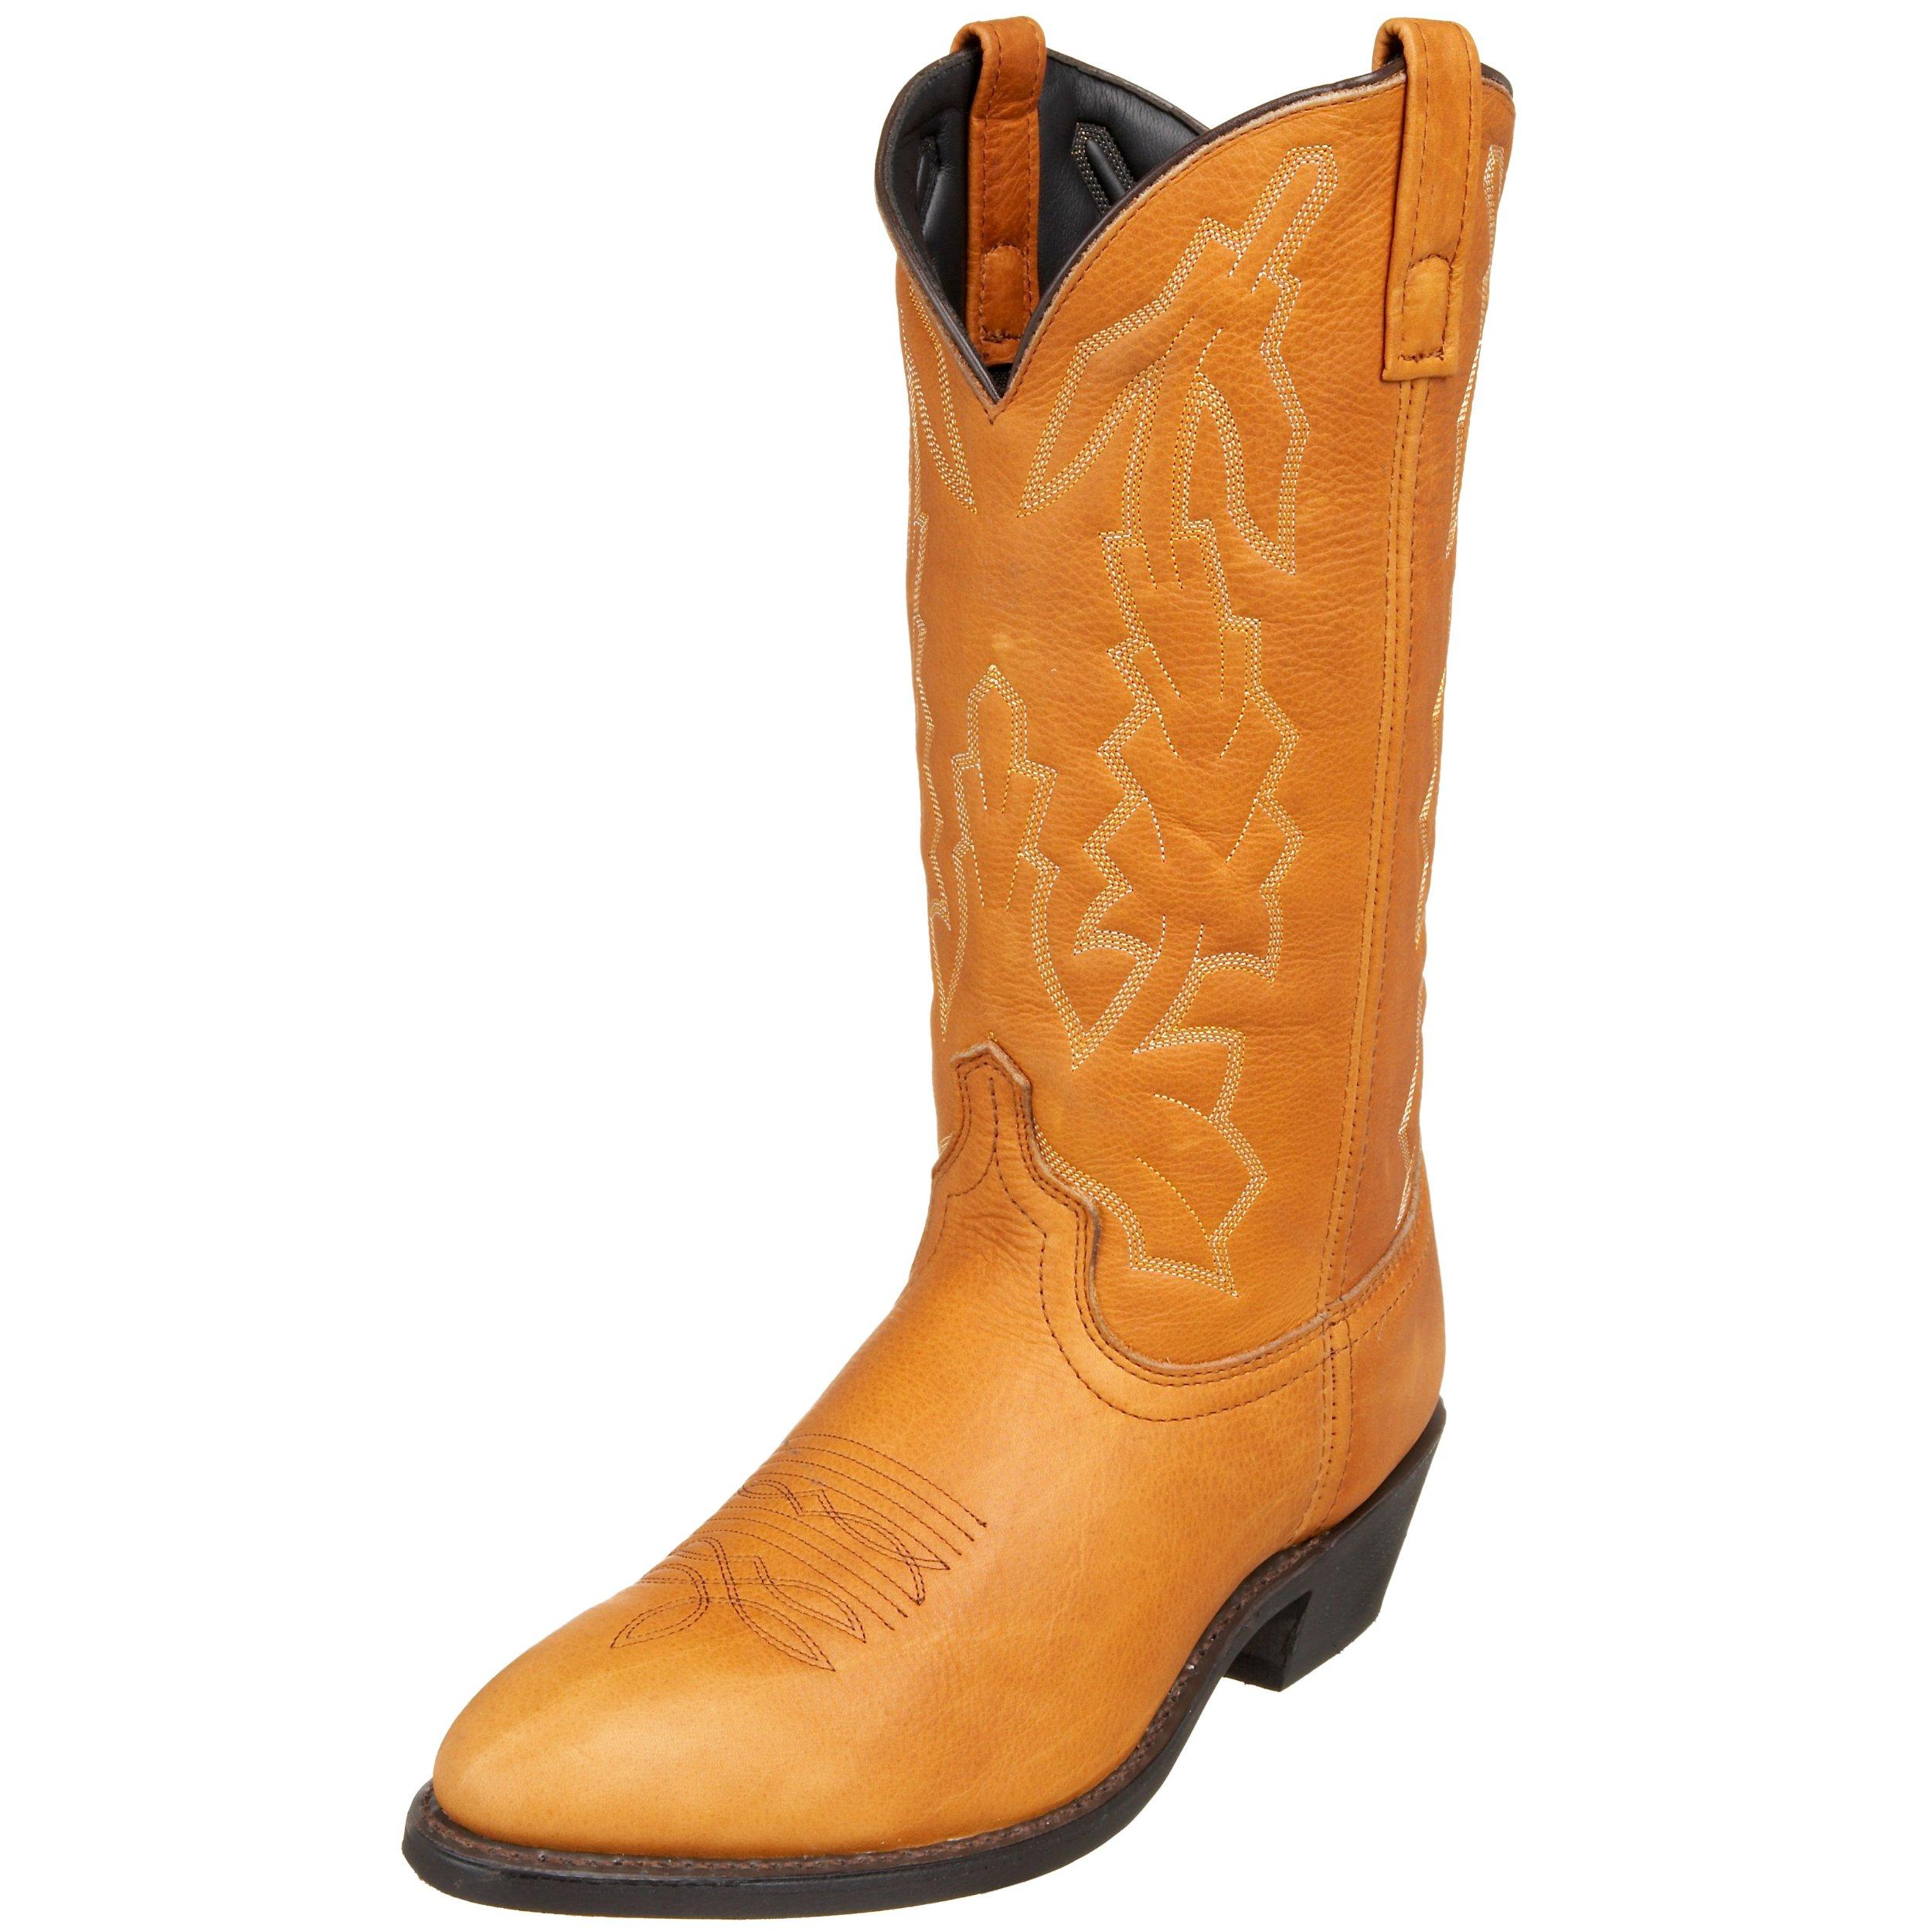 Laredo Men's Jacksonville Western Boot,Walnut,8 D US by Laredo